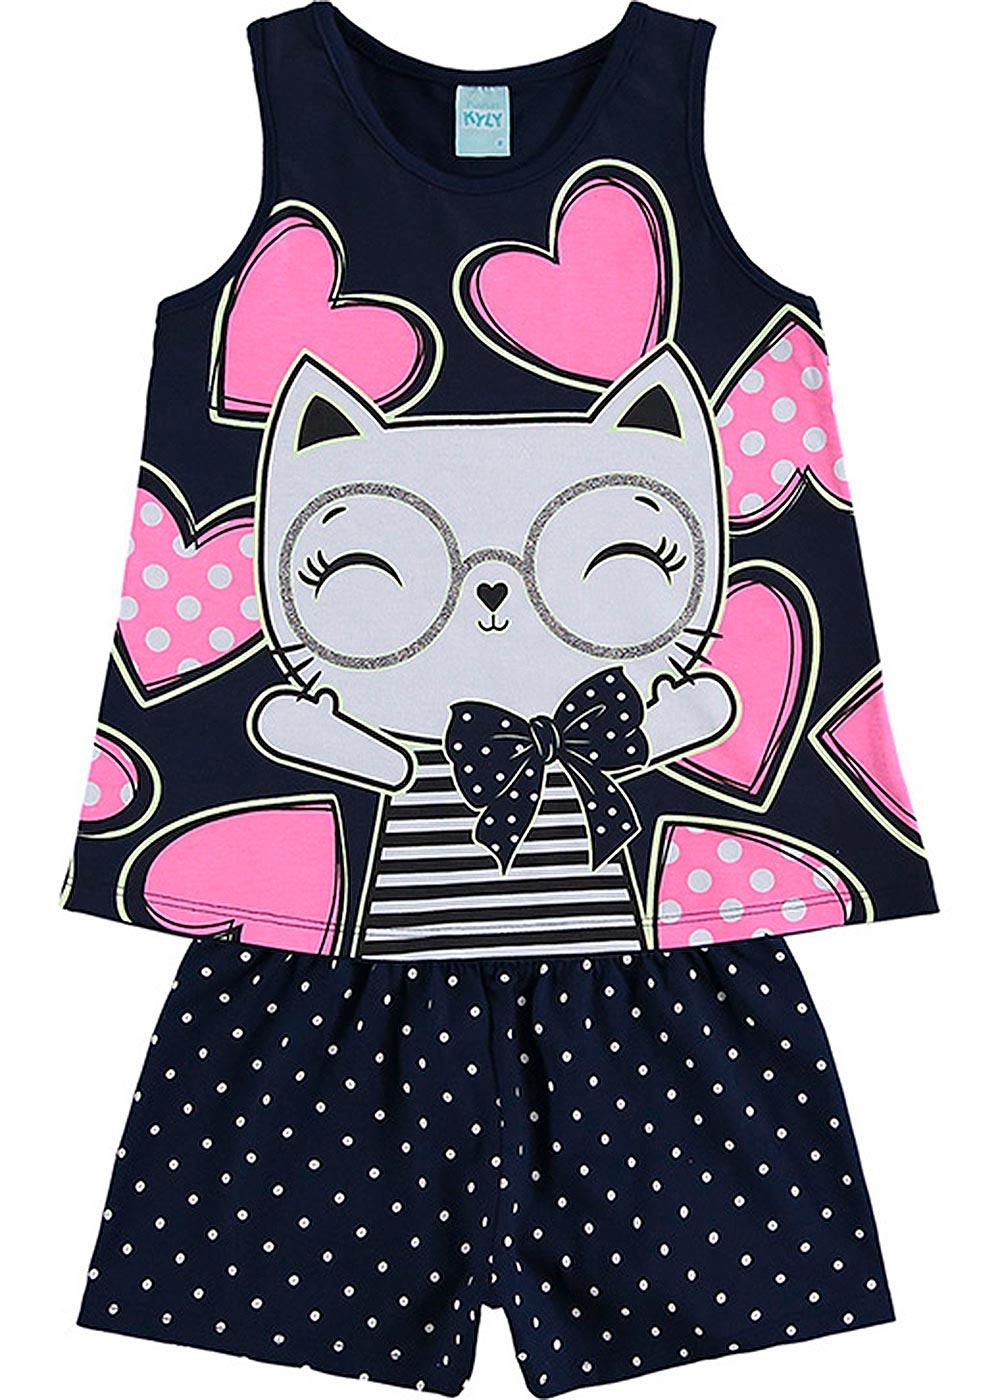 Pijama Infantil Feminino Verão Marinho Fashion Cat Brilha no Escuro - Kyly